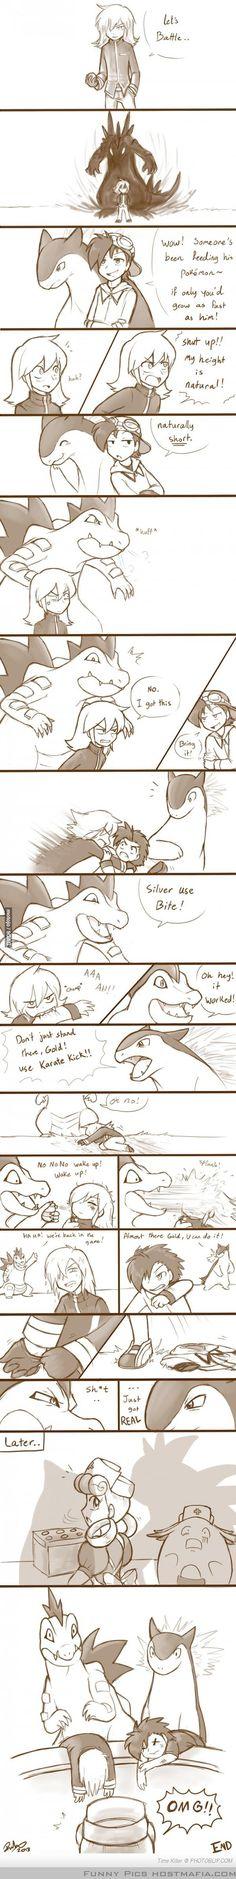 La rebolucion pokemon comienzan.. #pelea #lucha #dibujo #anime #draw #manga #pokemon